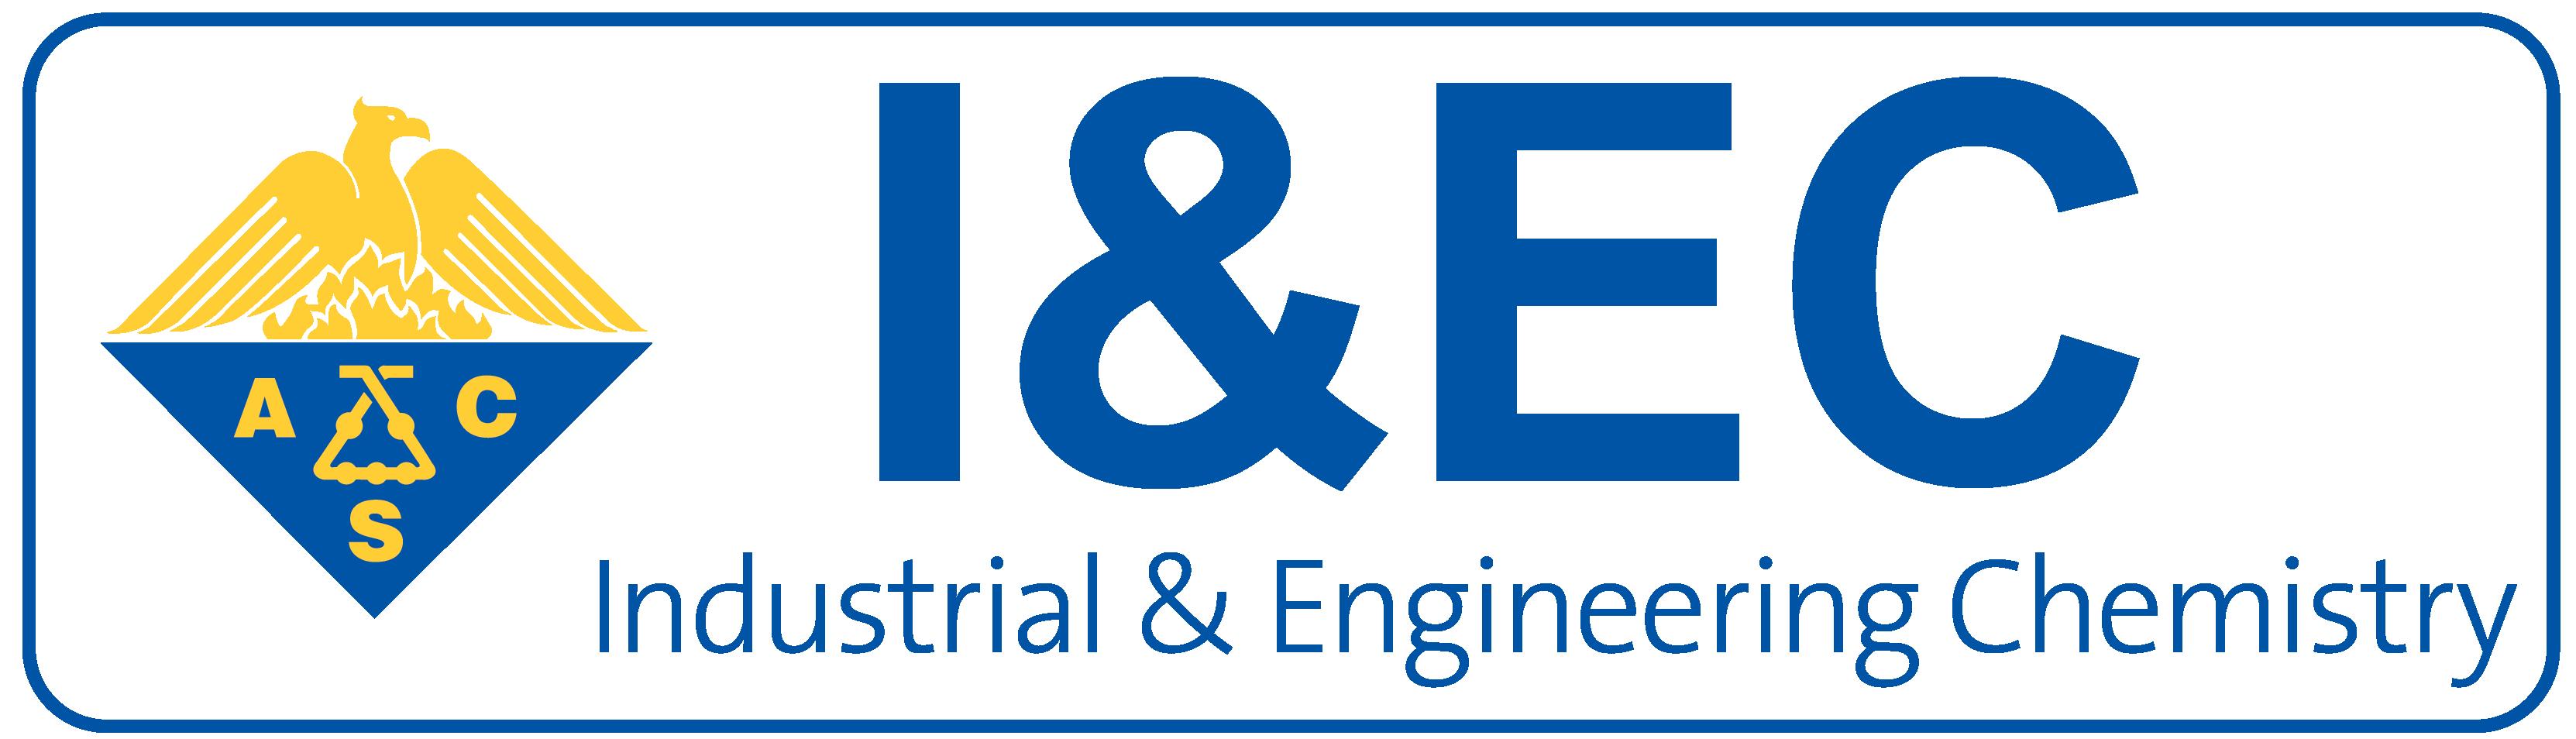 Industrial & Engineering Chemistry Logo